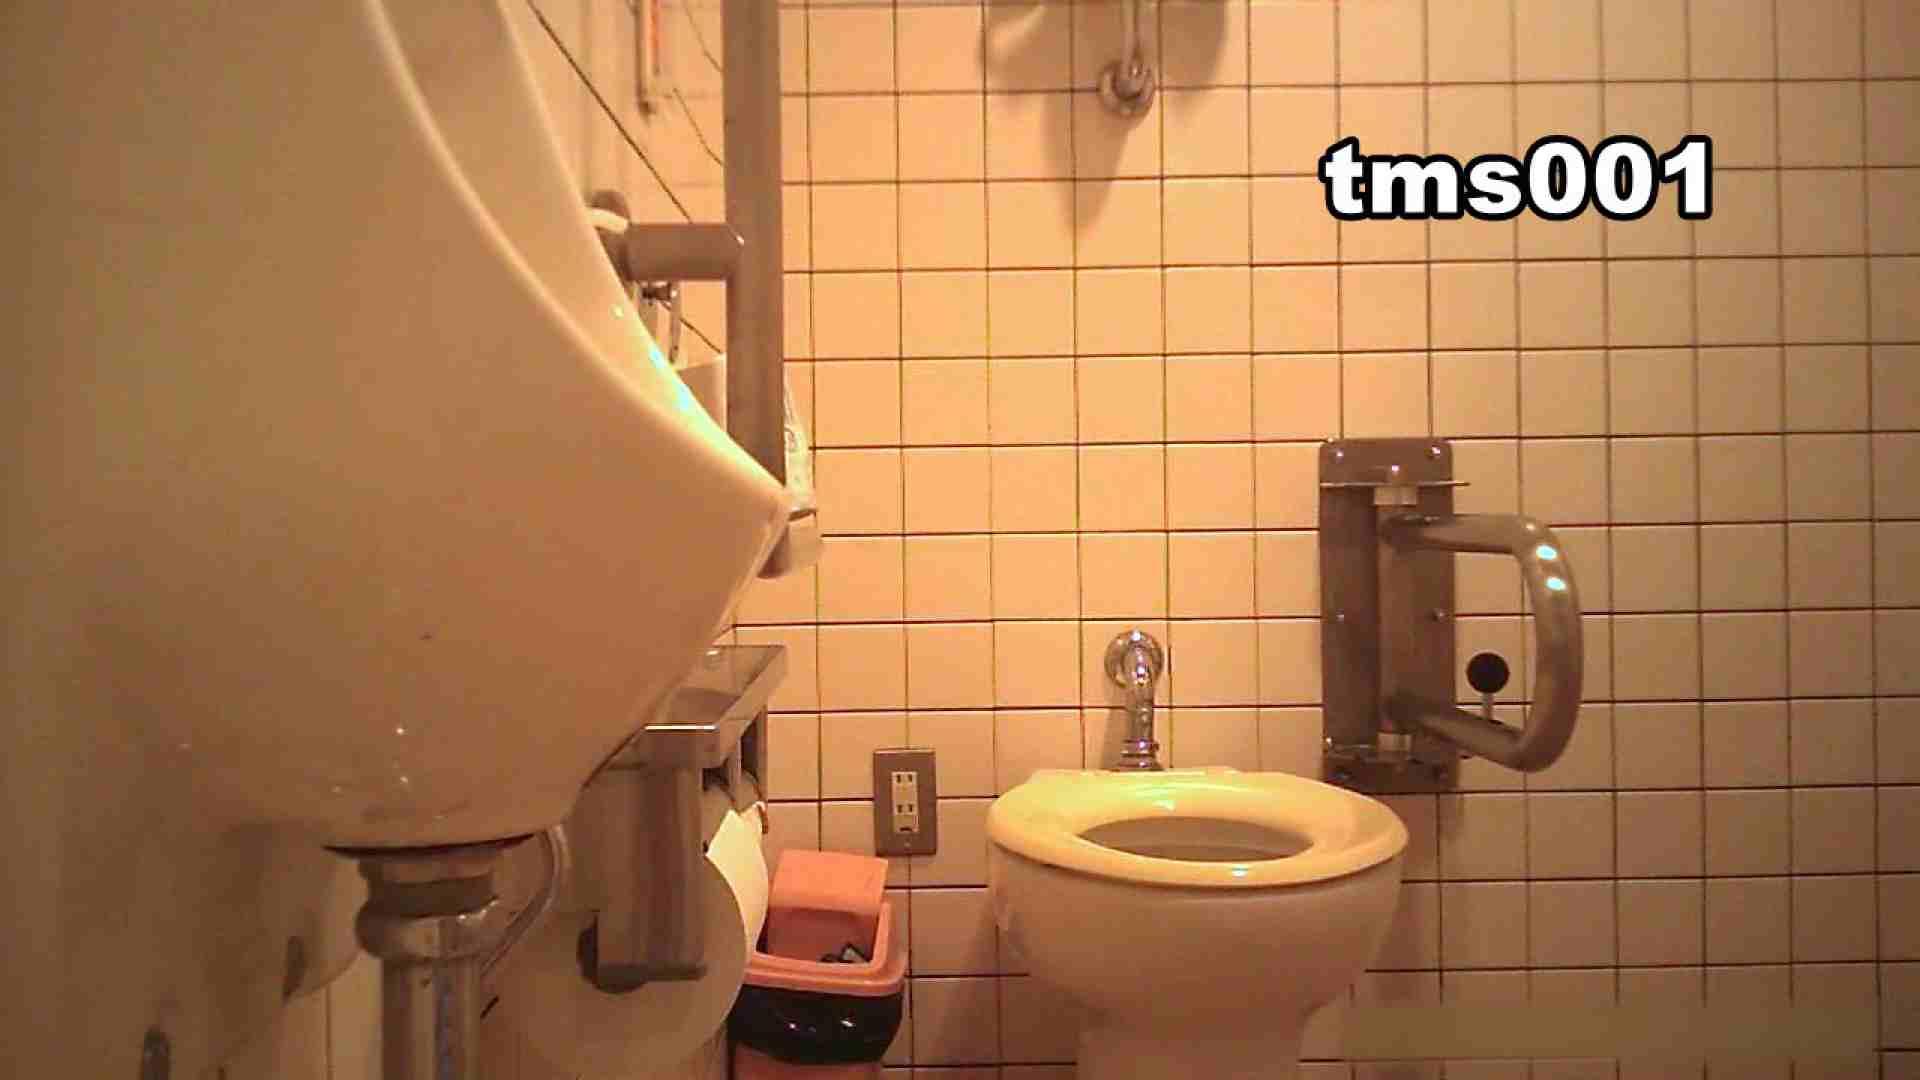 トイメンの割れ目 vol.001 丸見え AV無料動画キャプチャ 91画像 42